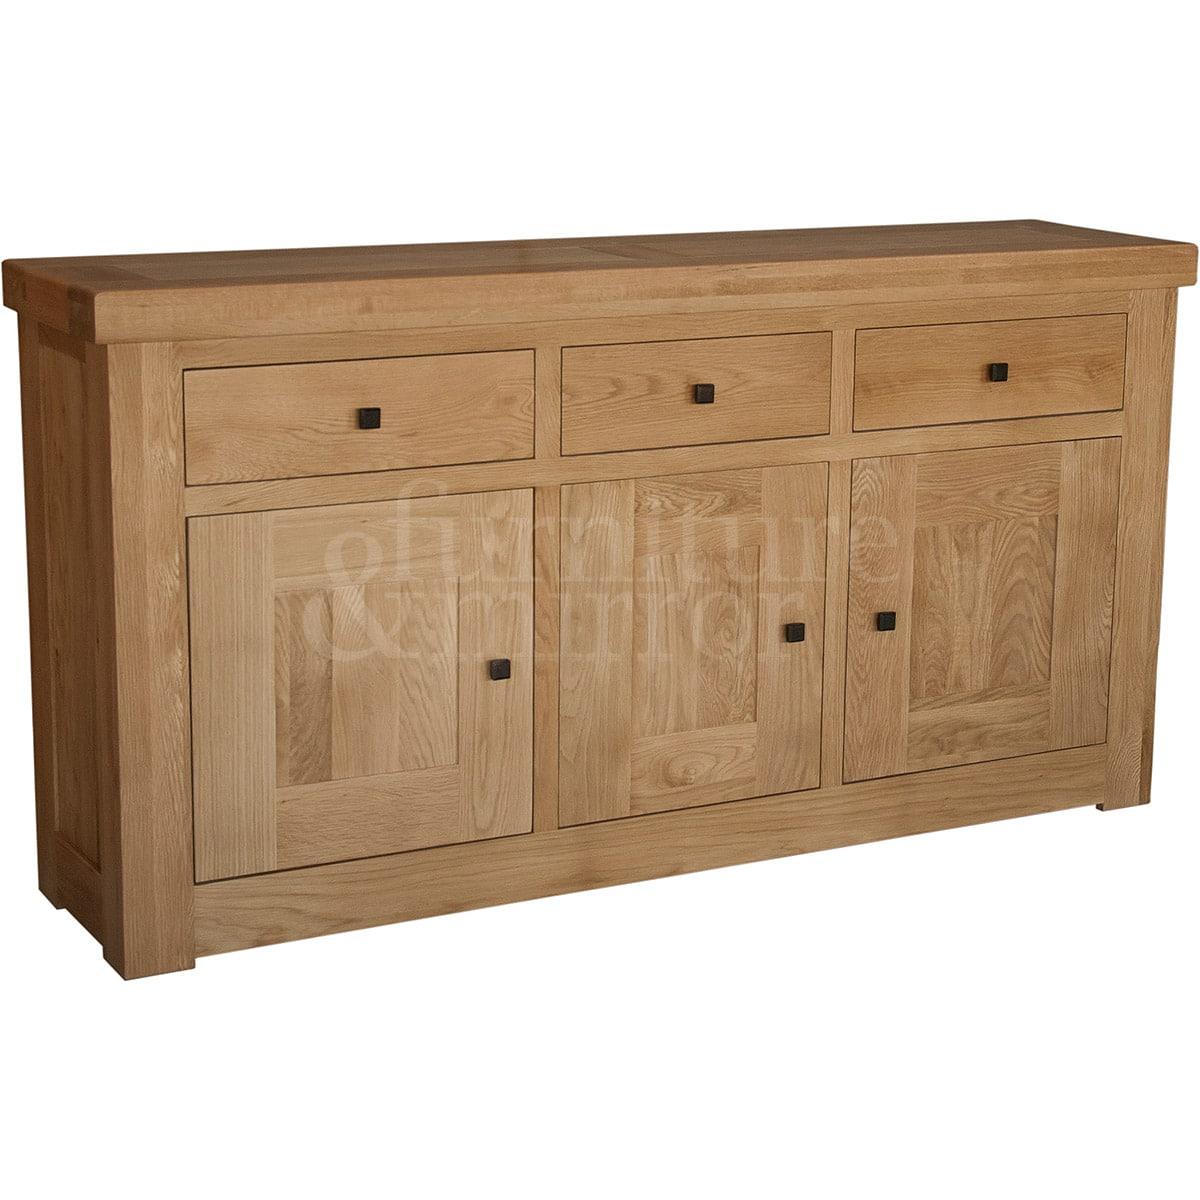 Chunky Three Drawer Three Door Solid Oak Sideboard